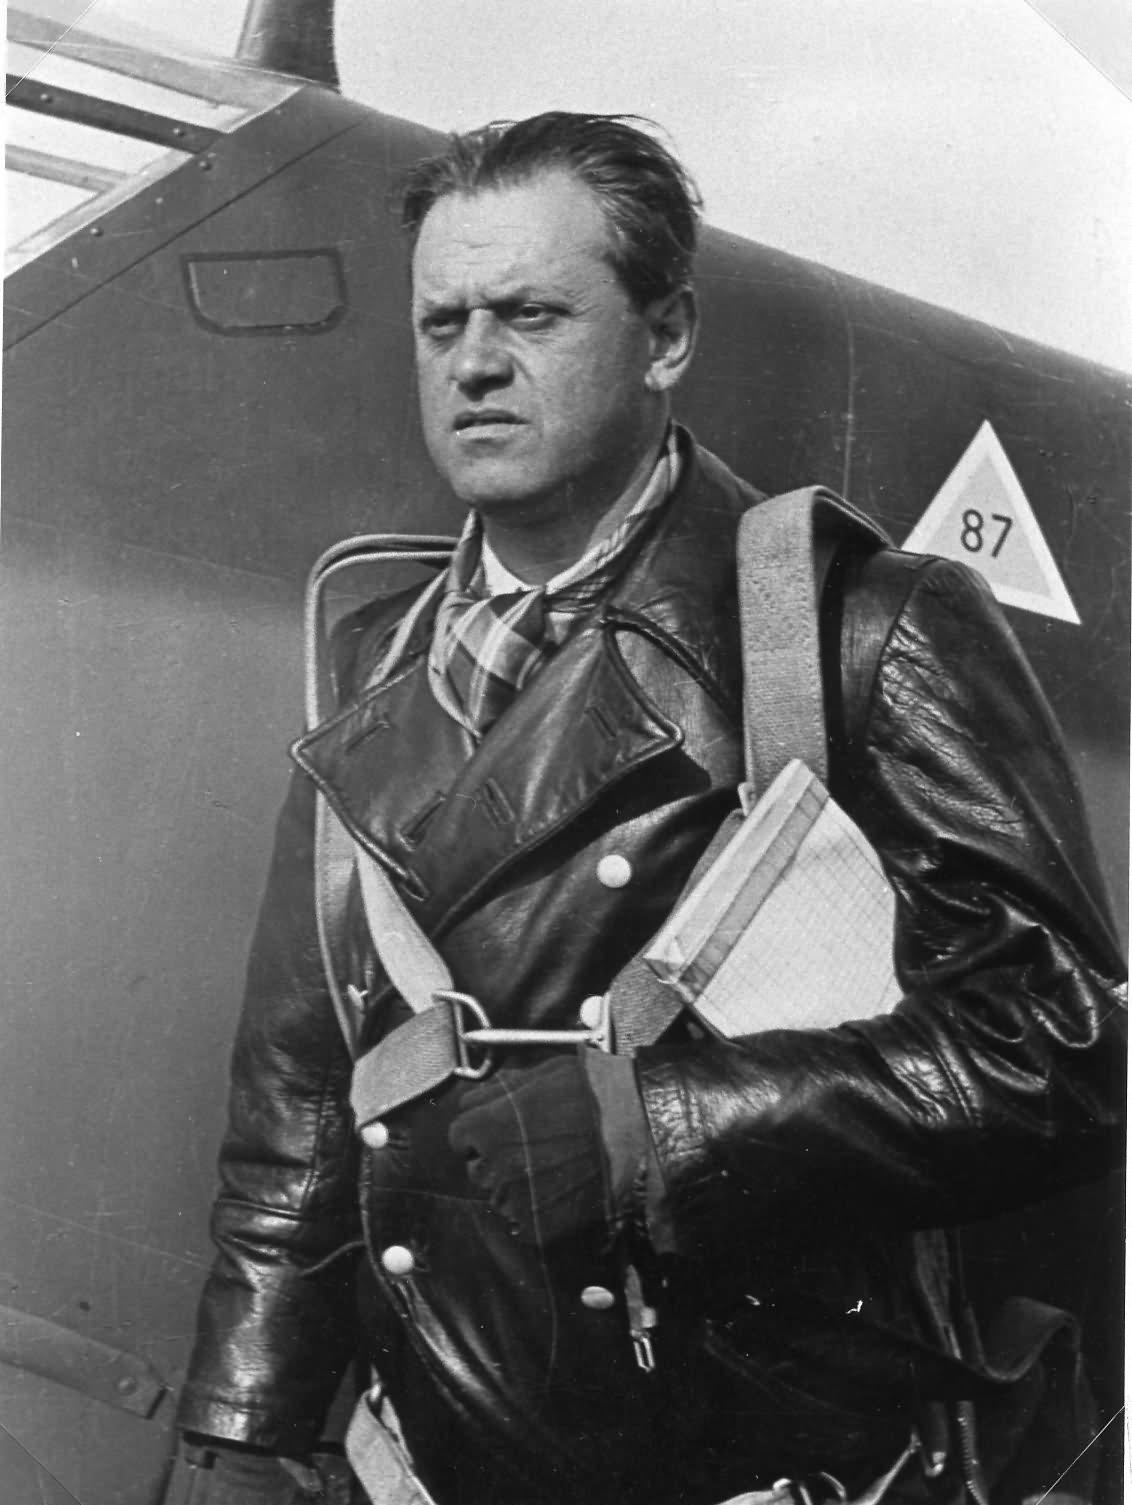 Messerschmitt Bf109 Wiener Neustadter Flugzeugwerke pilot